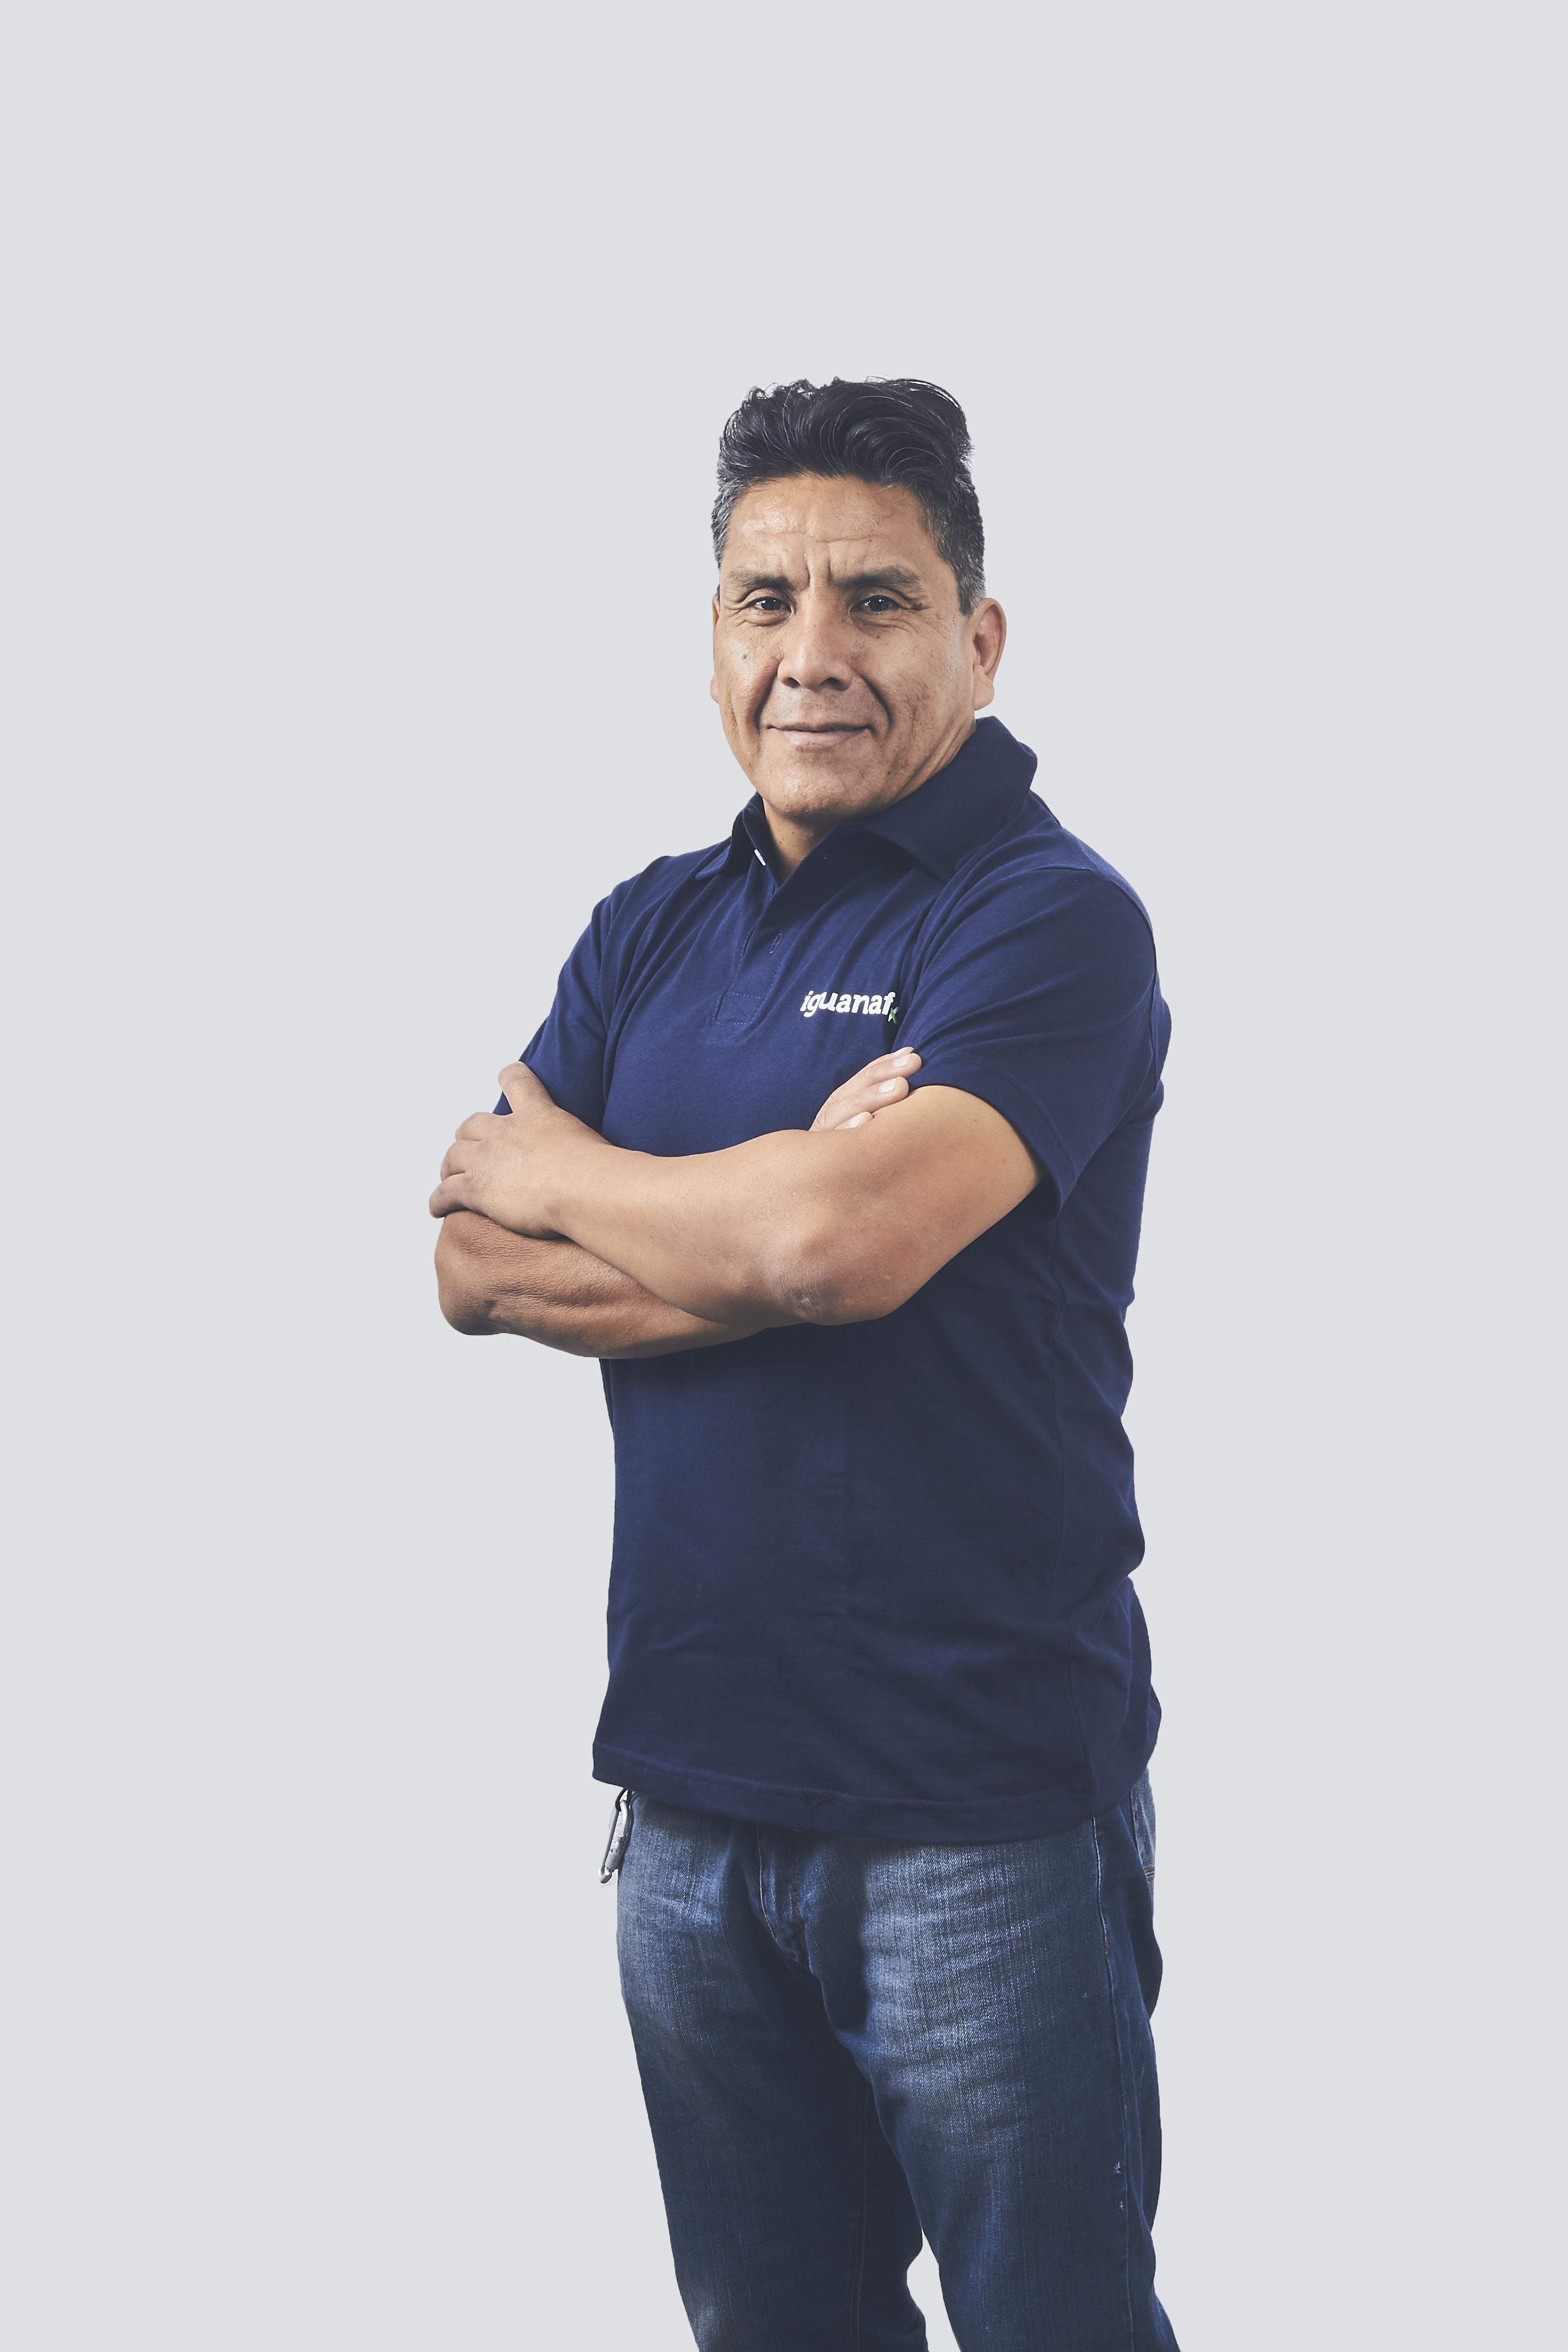 Willy vidaurre pintor plomero pisos alba il electricidad peque os trabajos maestro - Trabajo albanil sevilla ...